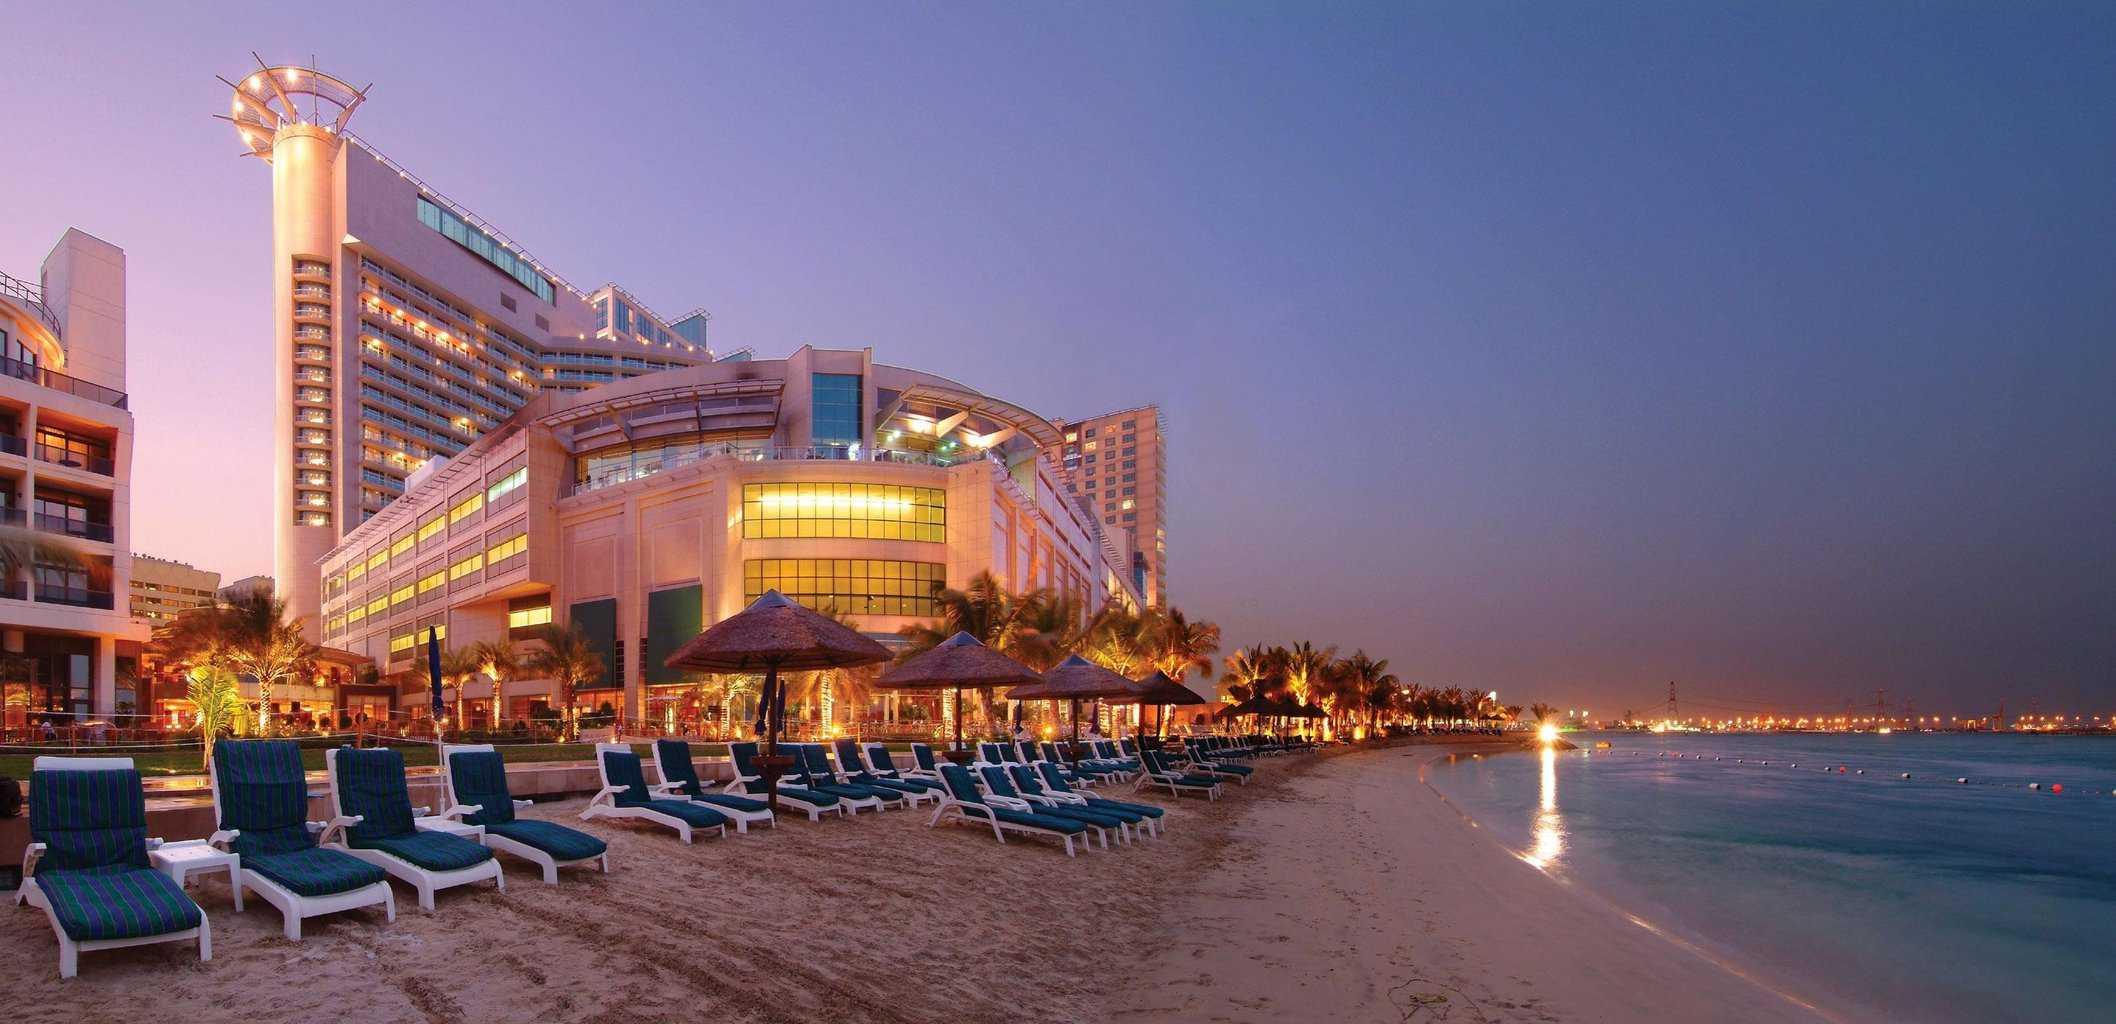 Пляж в Дубаи (ОАЭ)